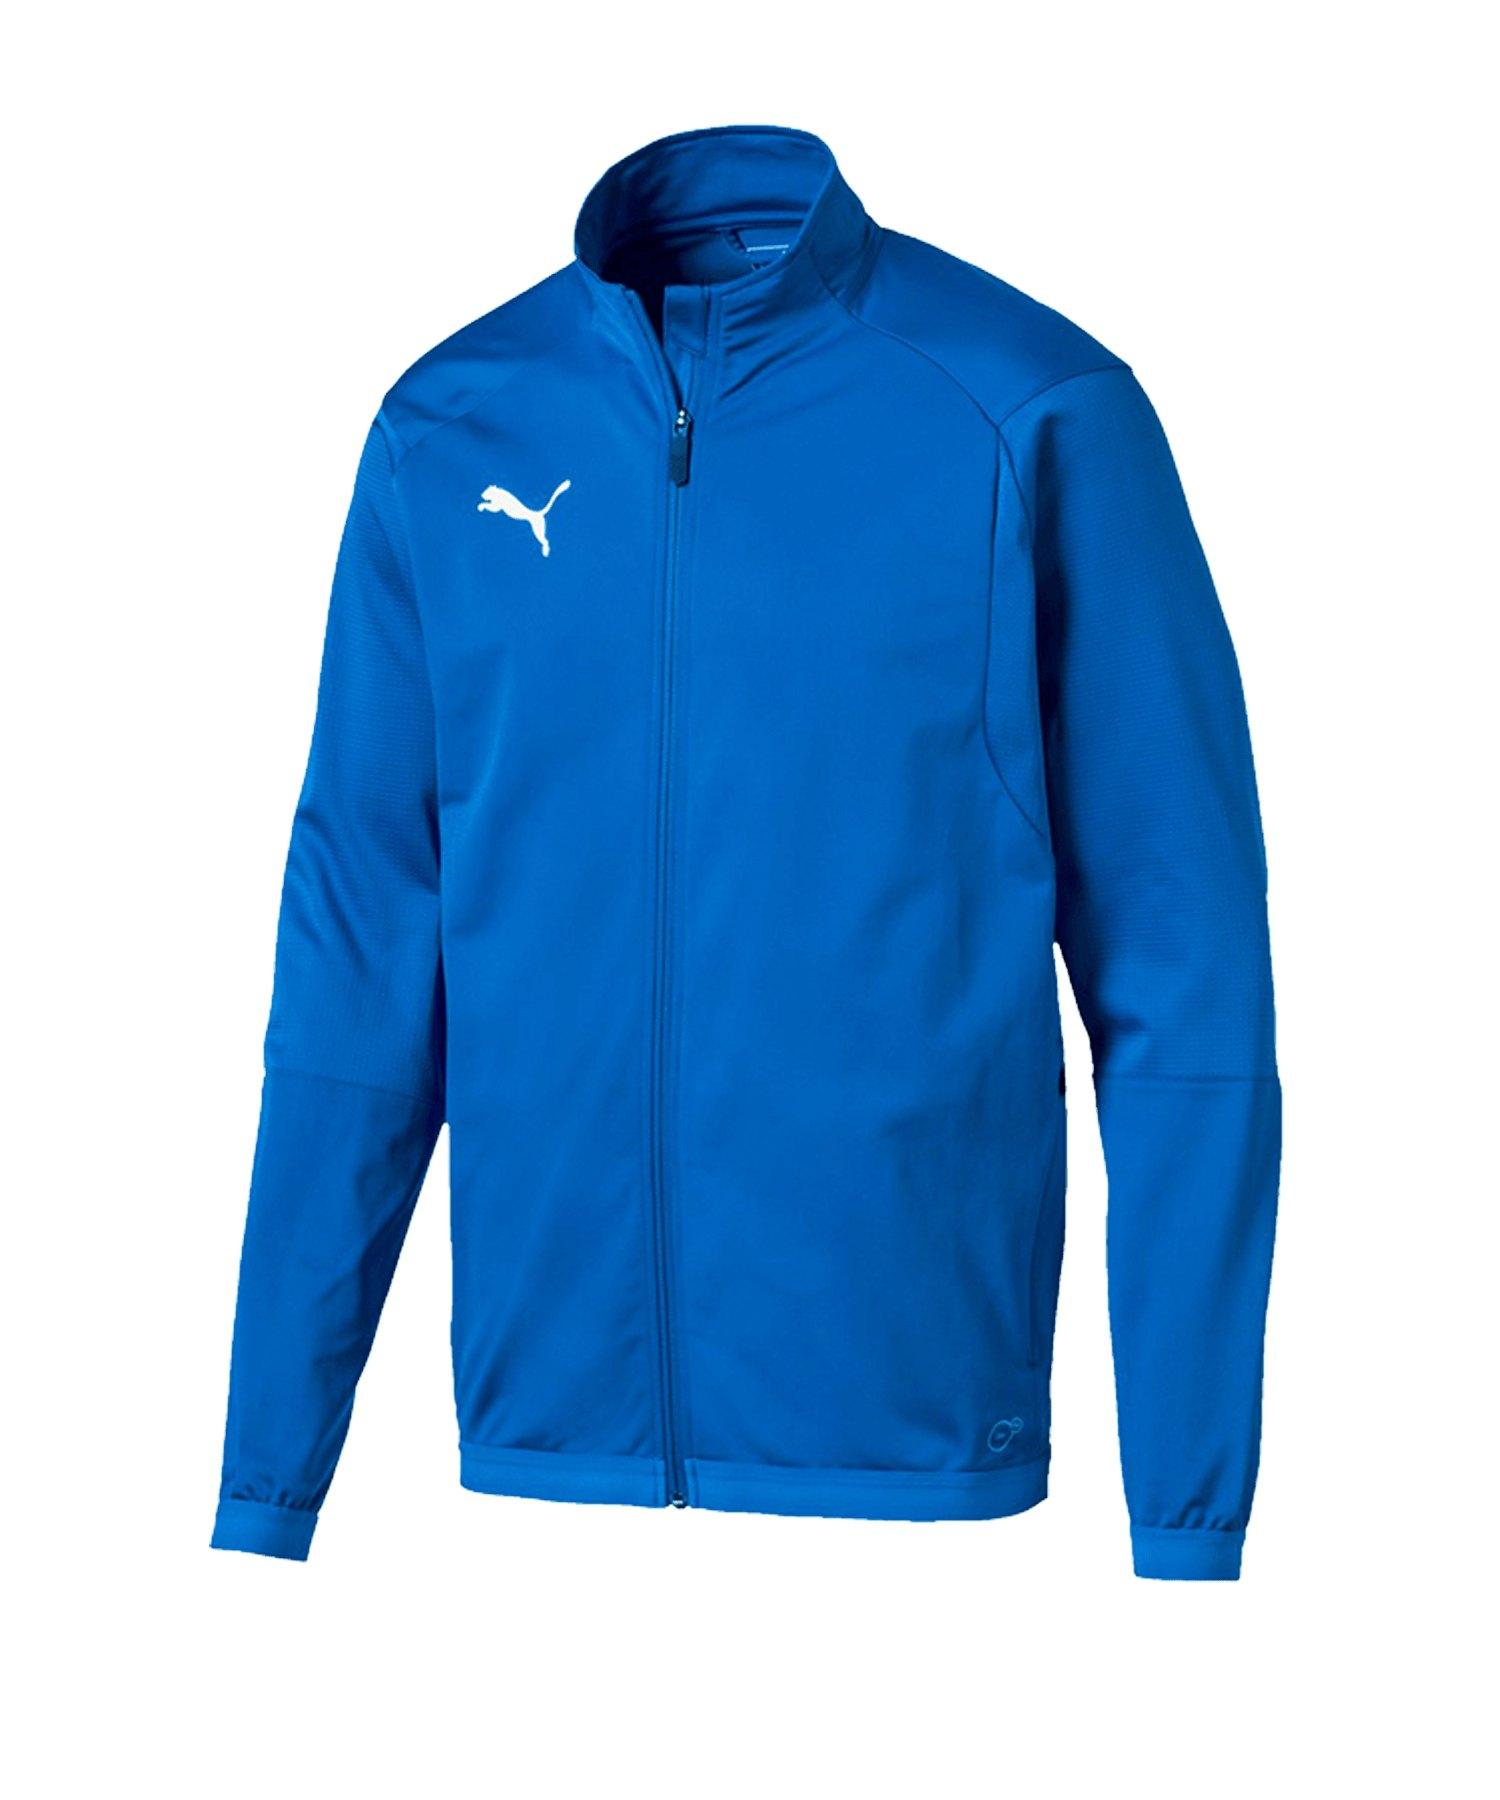 PUMA LIGA Training Jacket Trainingsjacke Blau F02 - blau